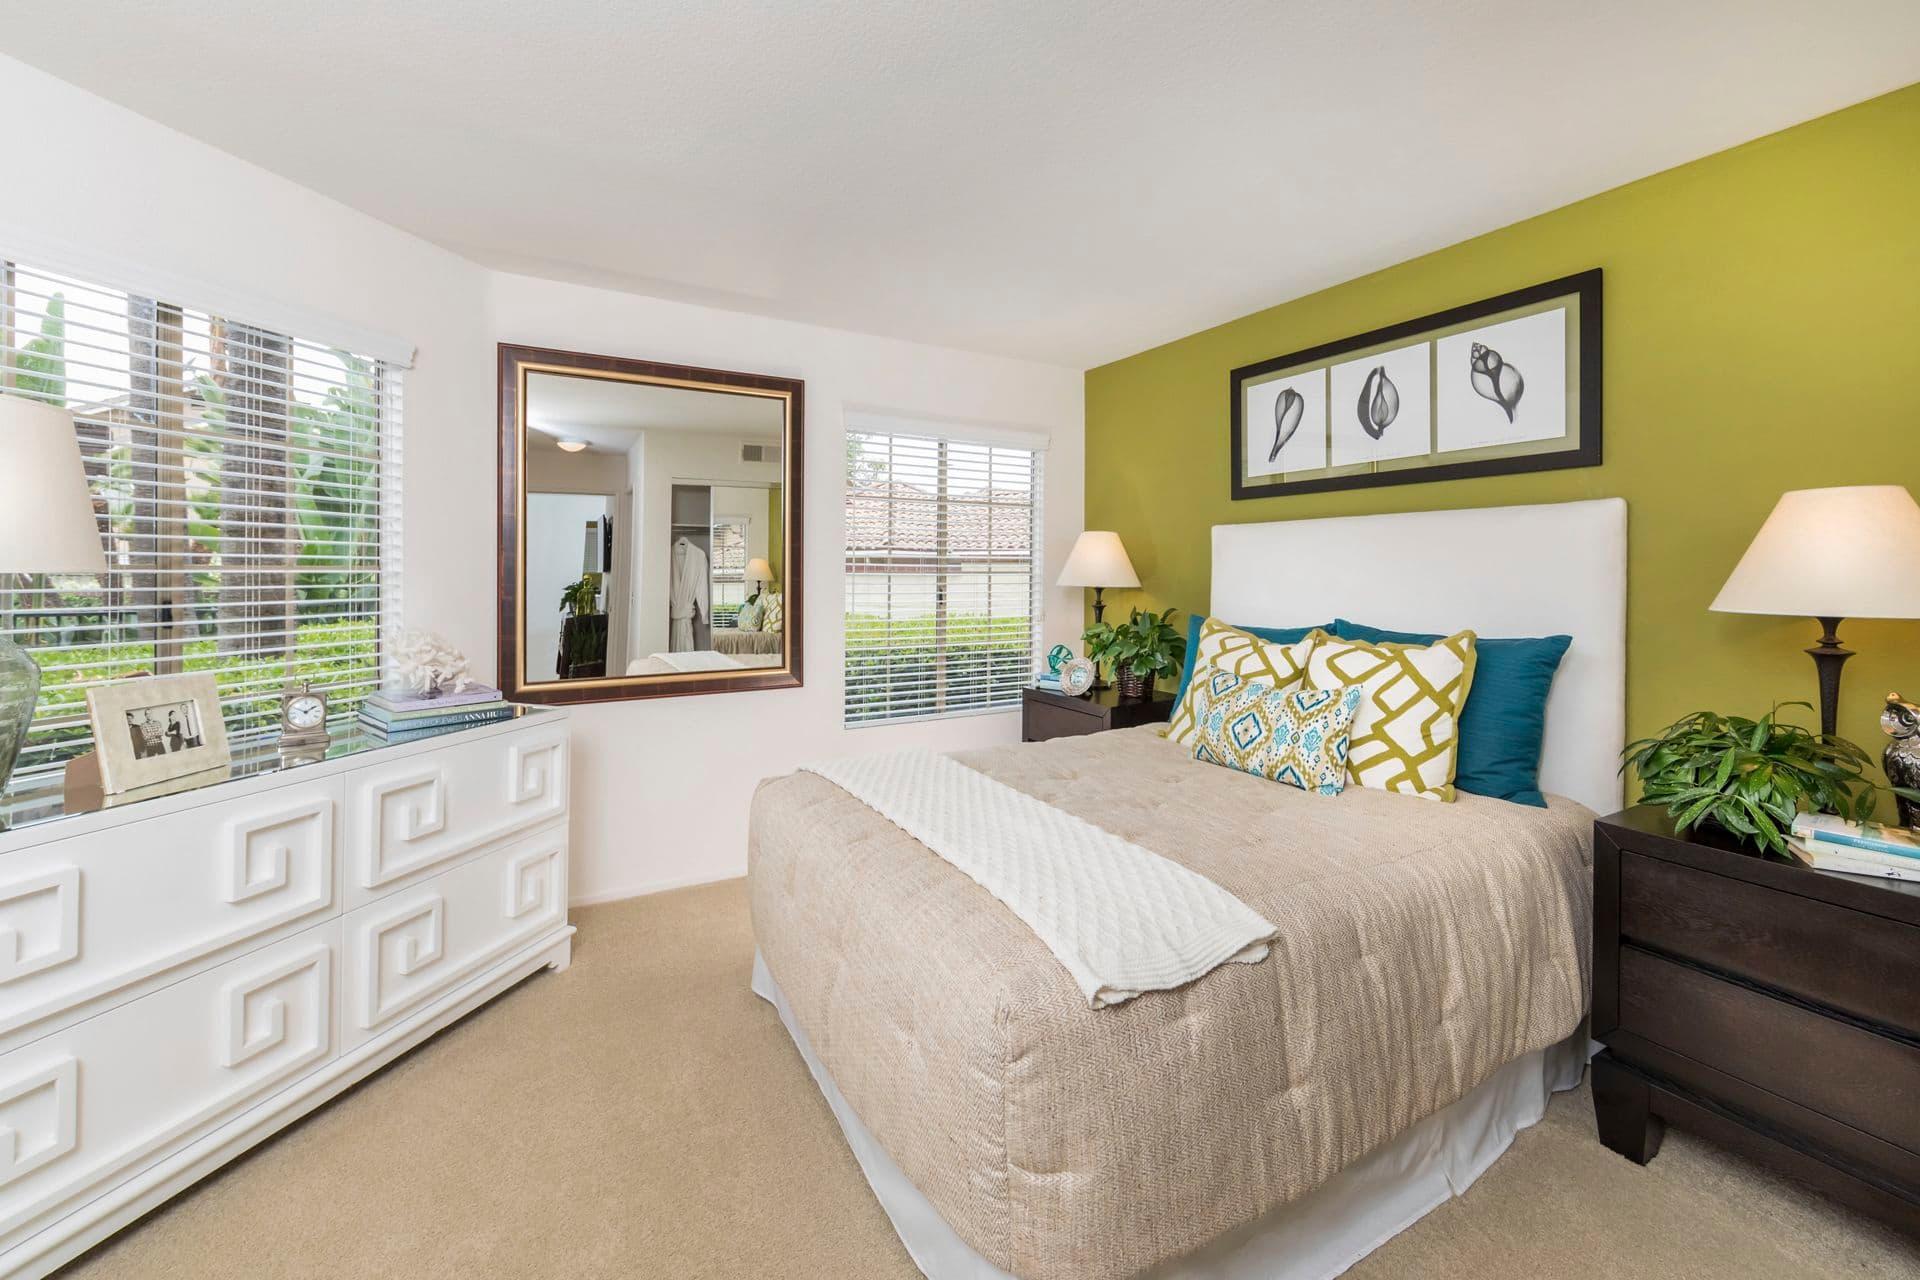 Interior view of bedroom at Rancho Mariposa Apartment Homes in Tustin, CA.